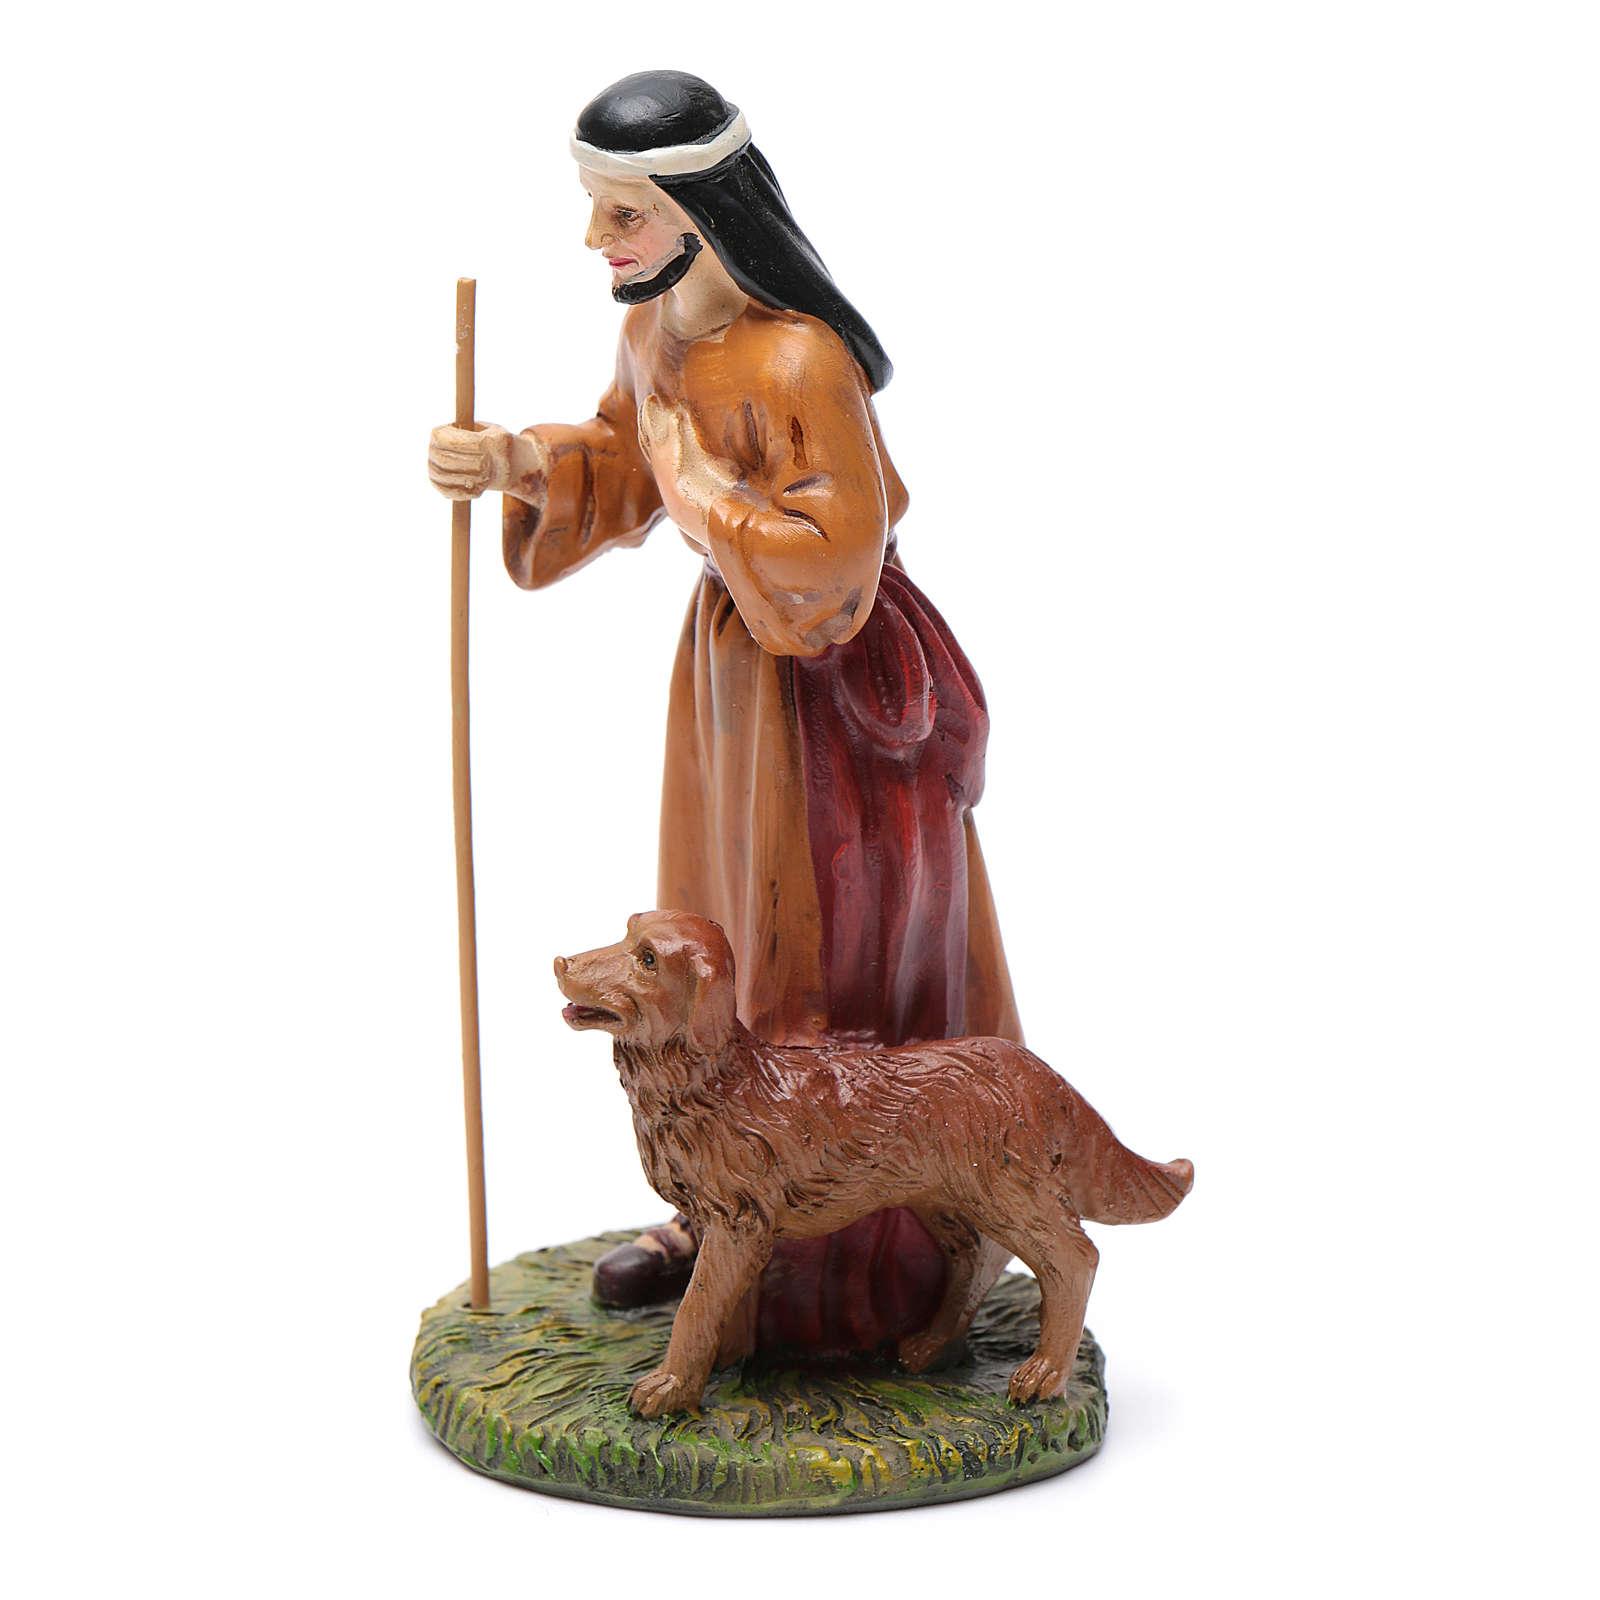 Pastore con cane resina presepe 12 cm Linea Martino Landi 3